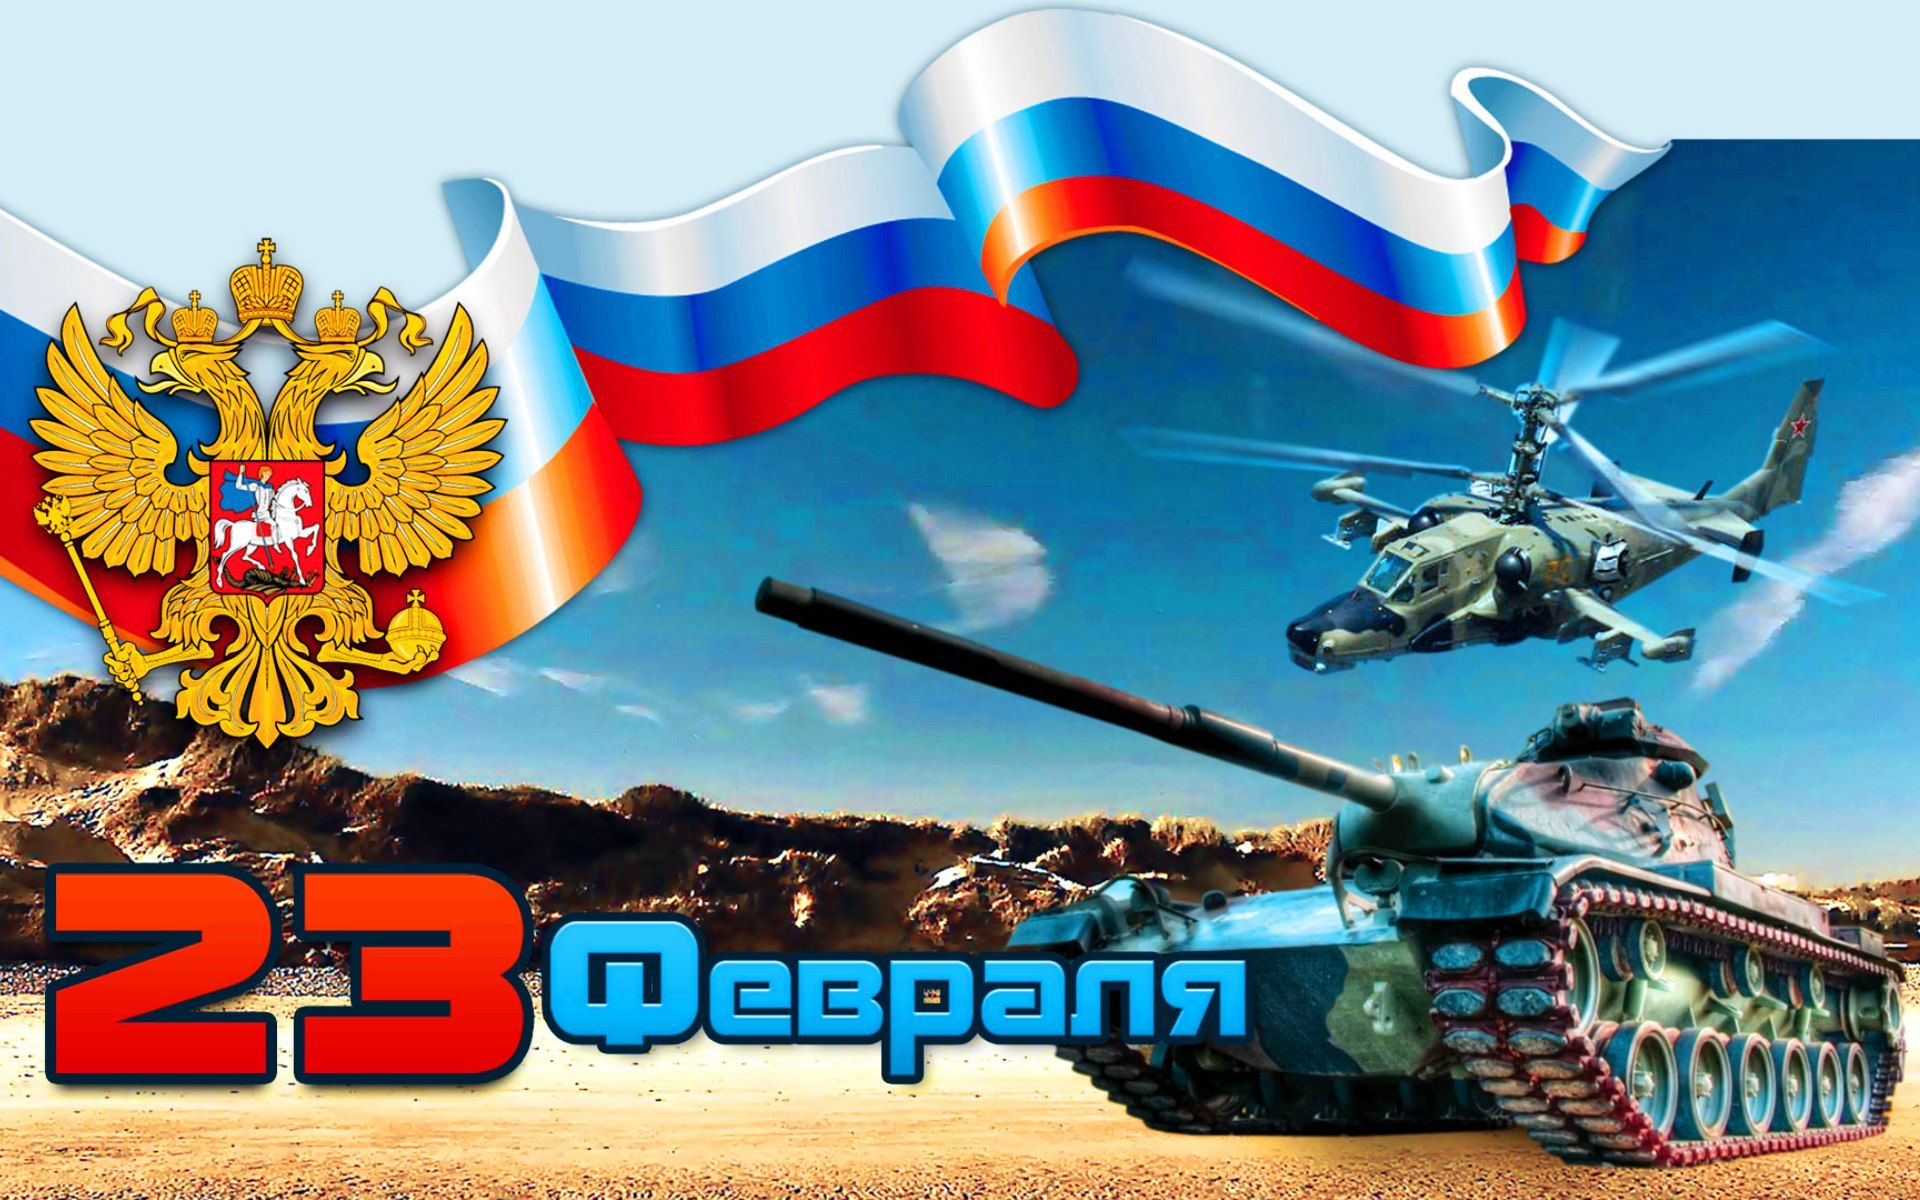 Граждане РФ отмечают День защитника Отечества